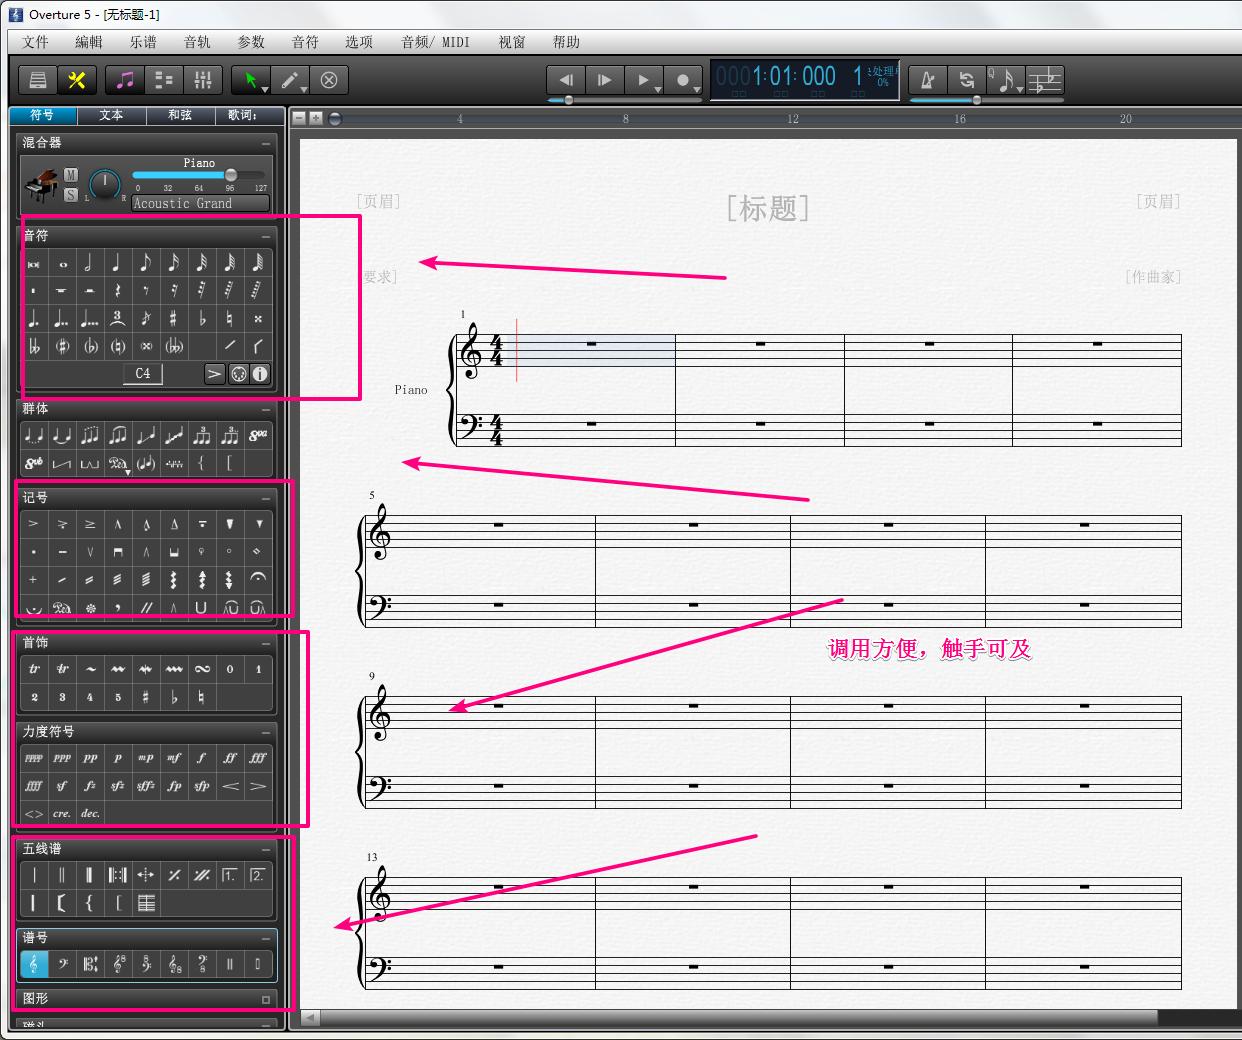 作曲软件Overture的独立窗口